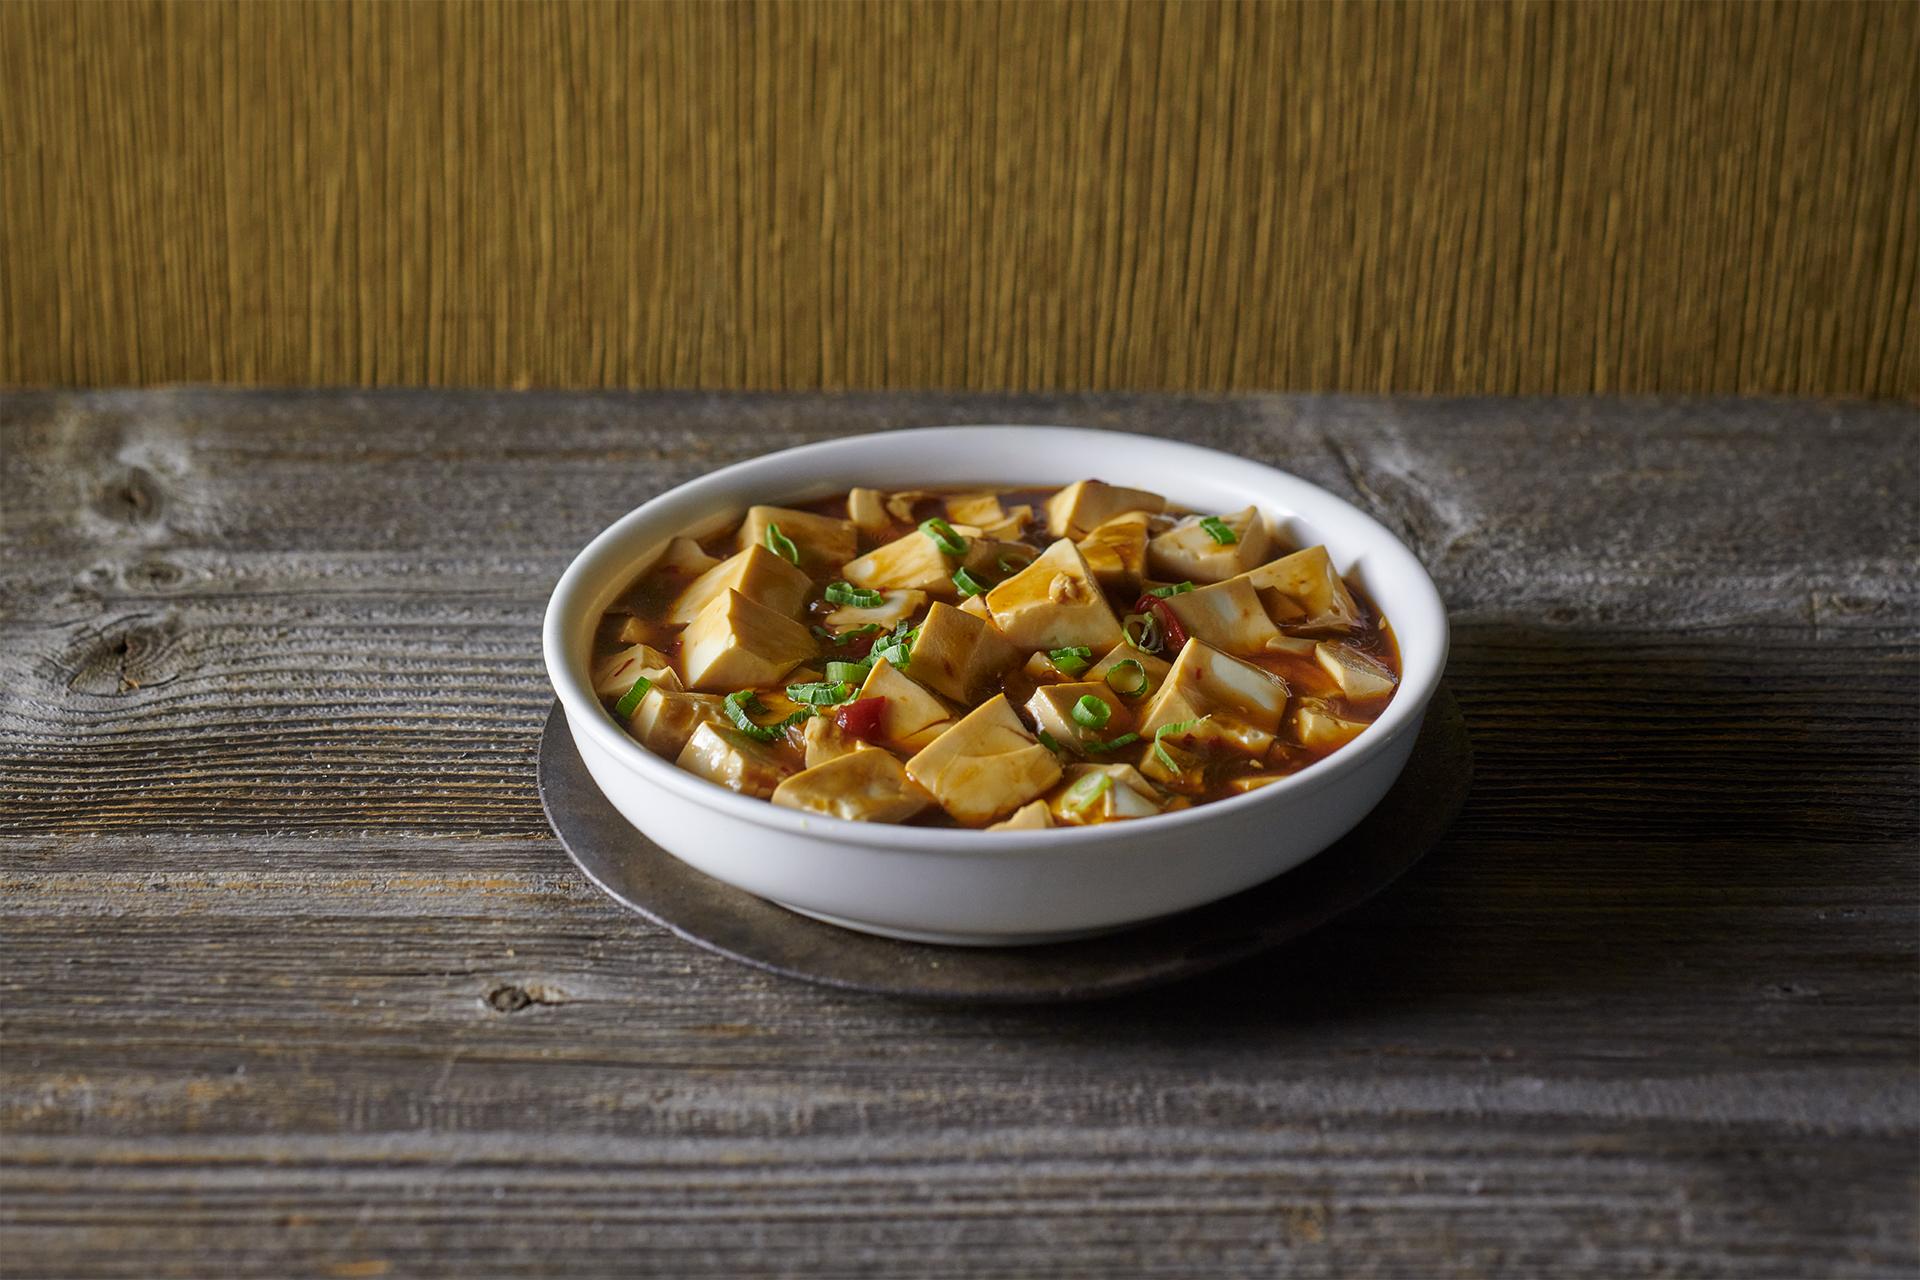 Ma Poh tofu